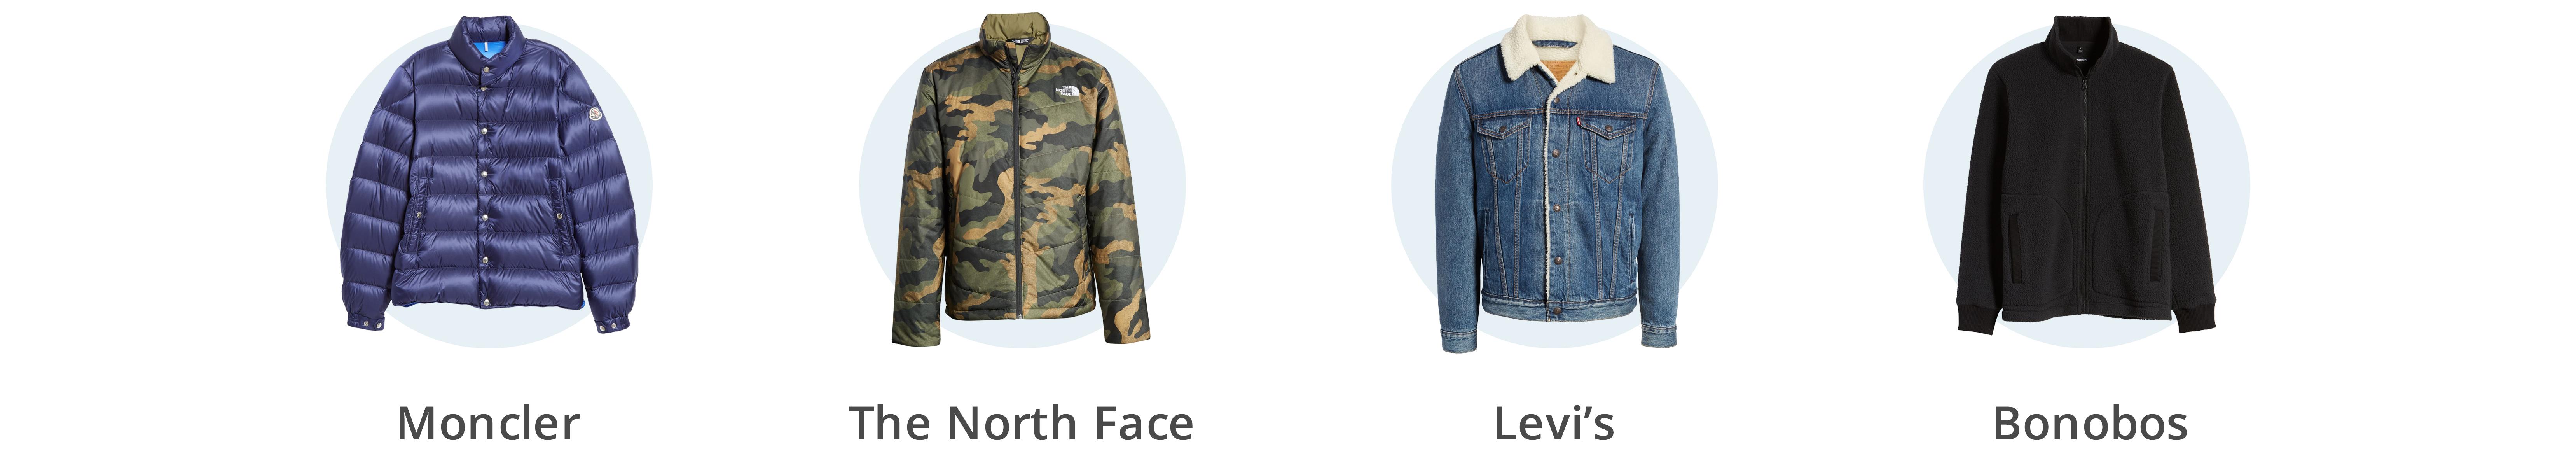 Men's puffer and fleece coats